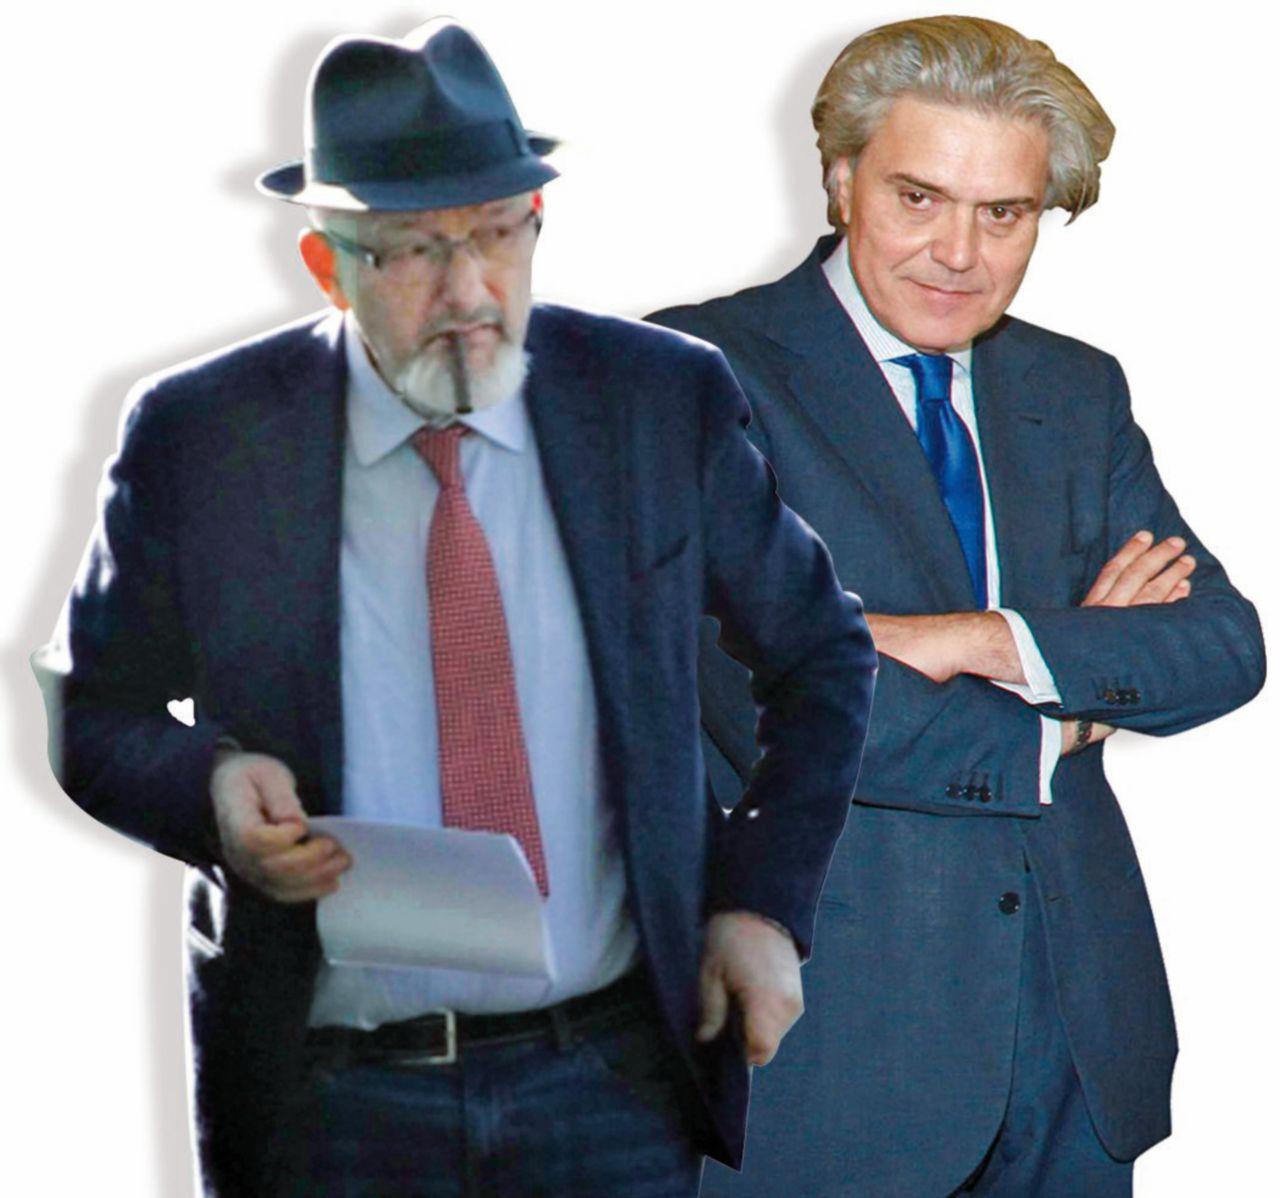 In Edicola sul Fatto del 7 marzo – L'accusatore Marroni è avvisato: resta in Consip e deve ritrattare